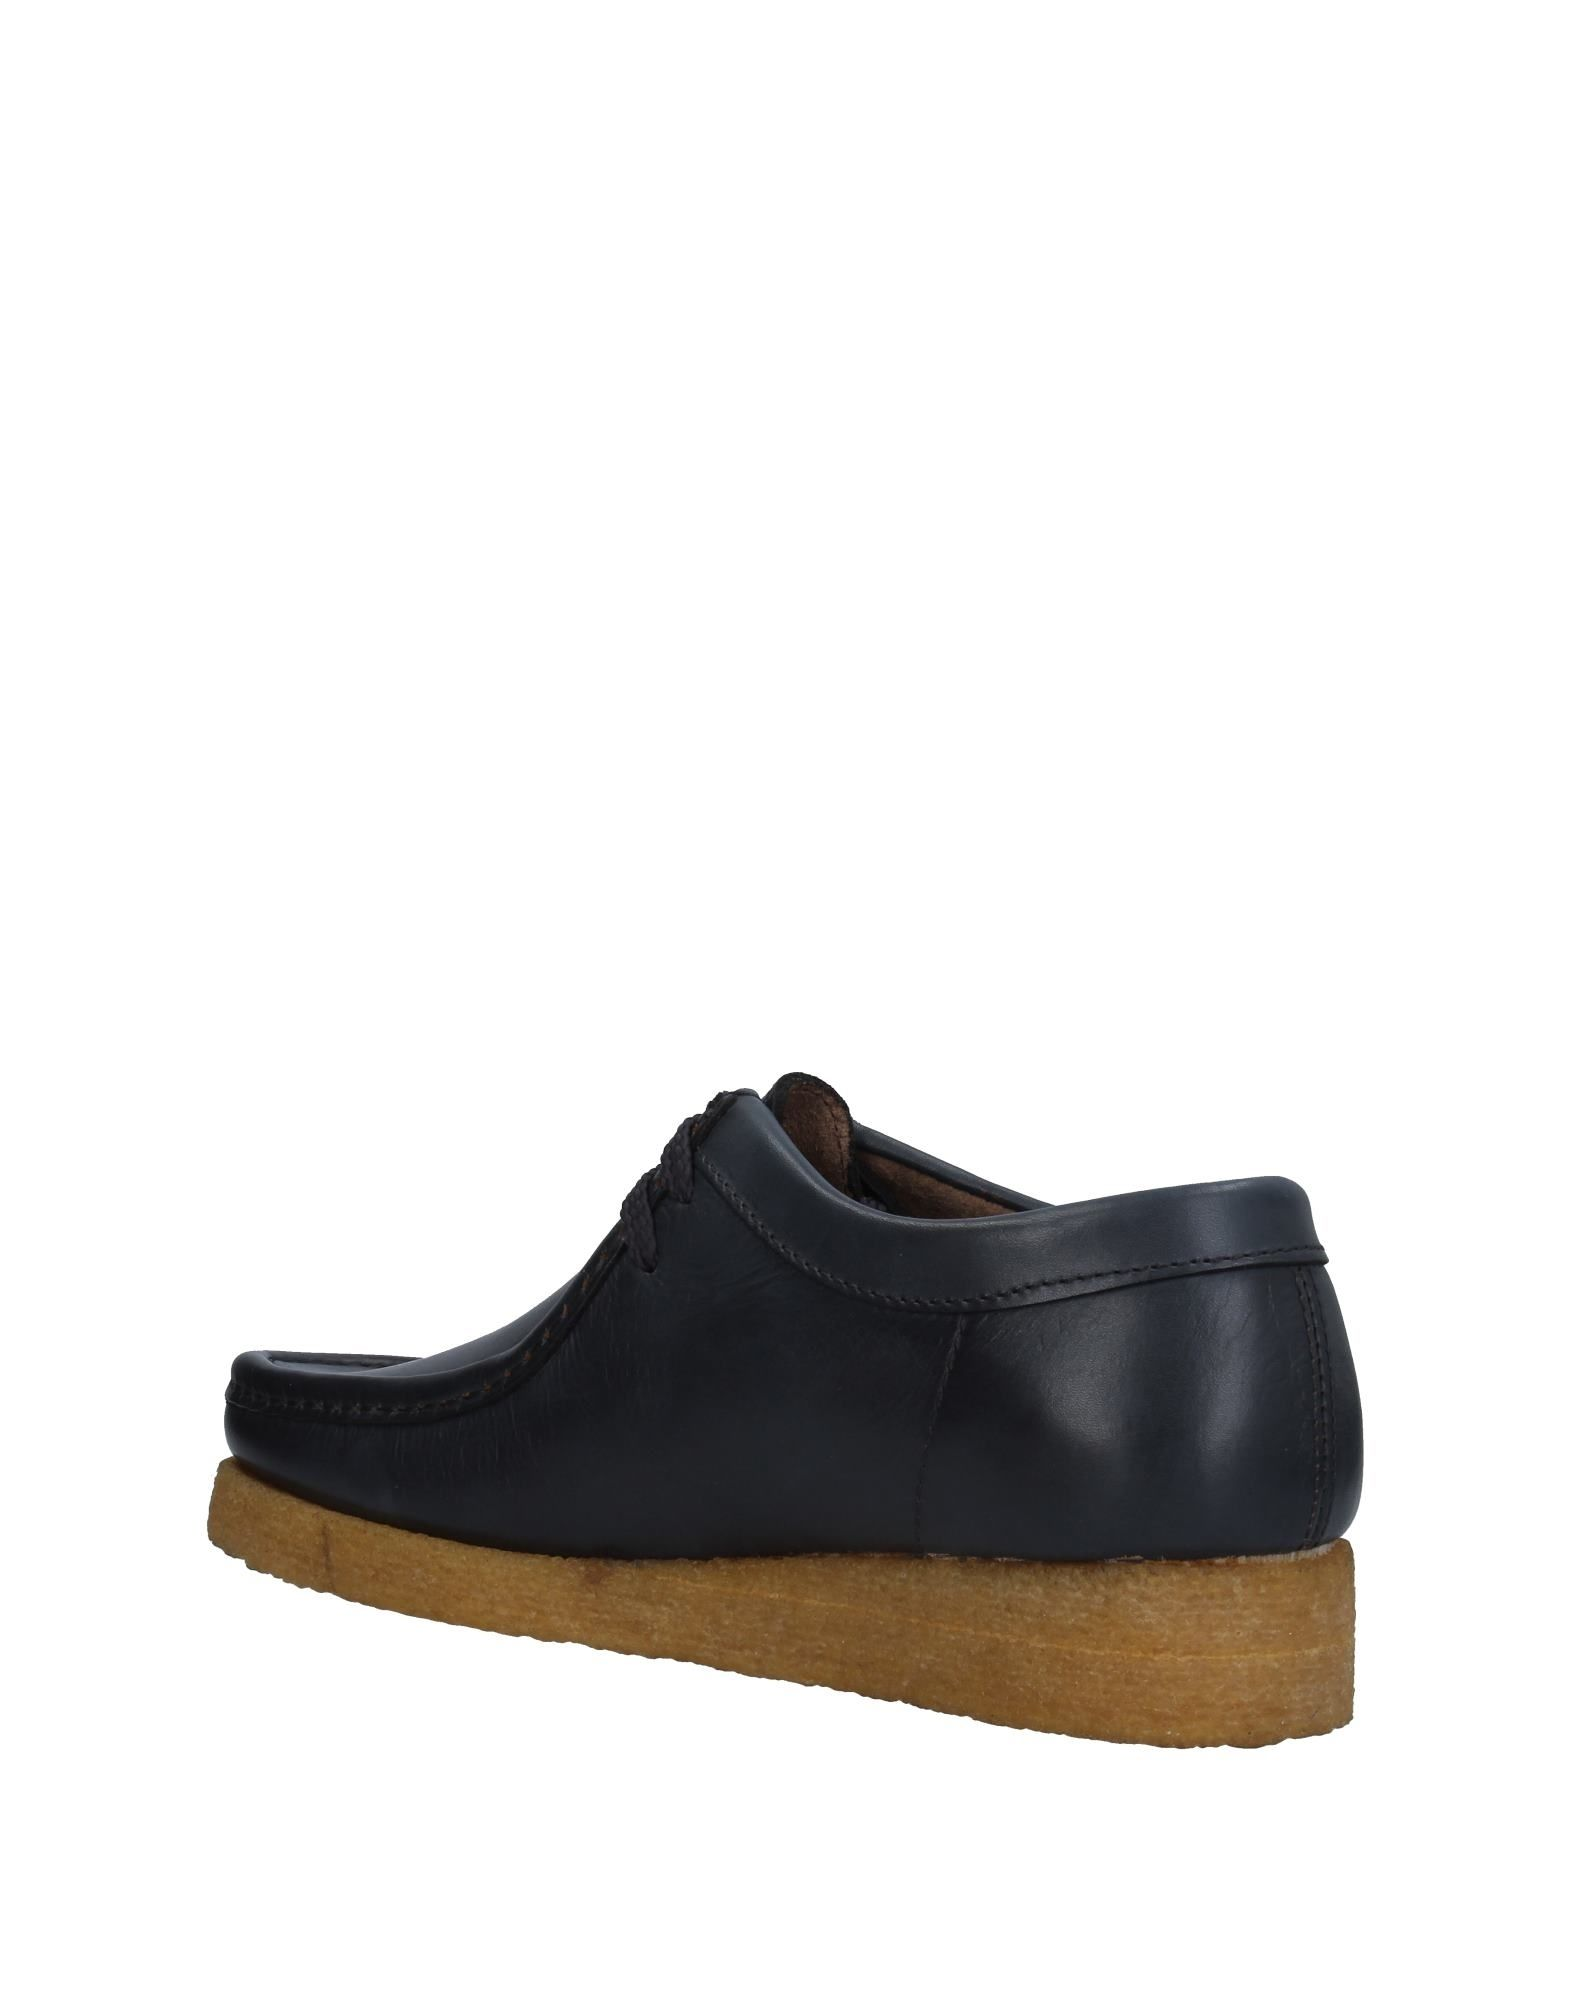 Rabatt echte  Schuhe Sebago Schnürschuhe Herren  echte 11318254EM 9b3a6e